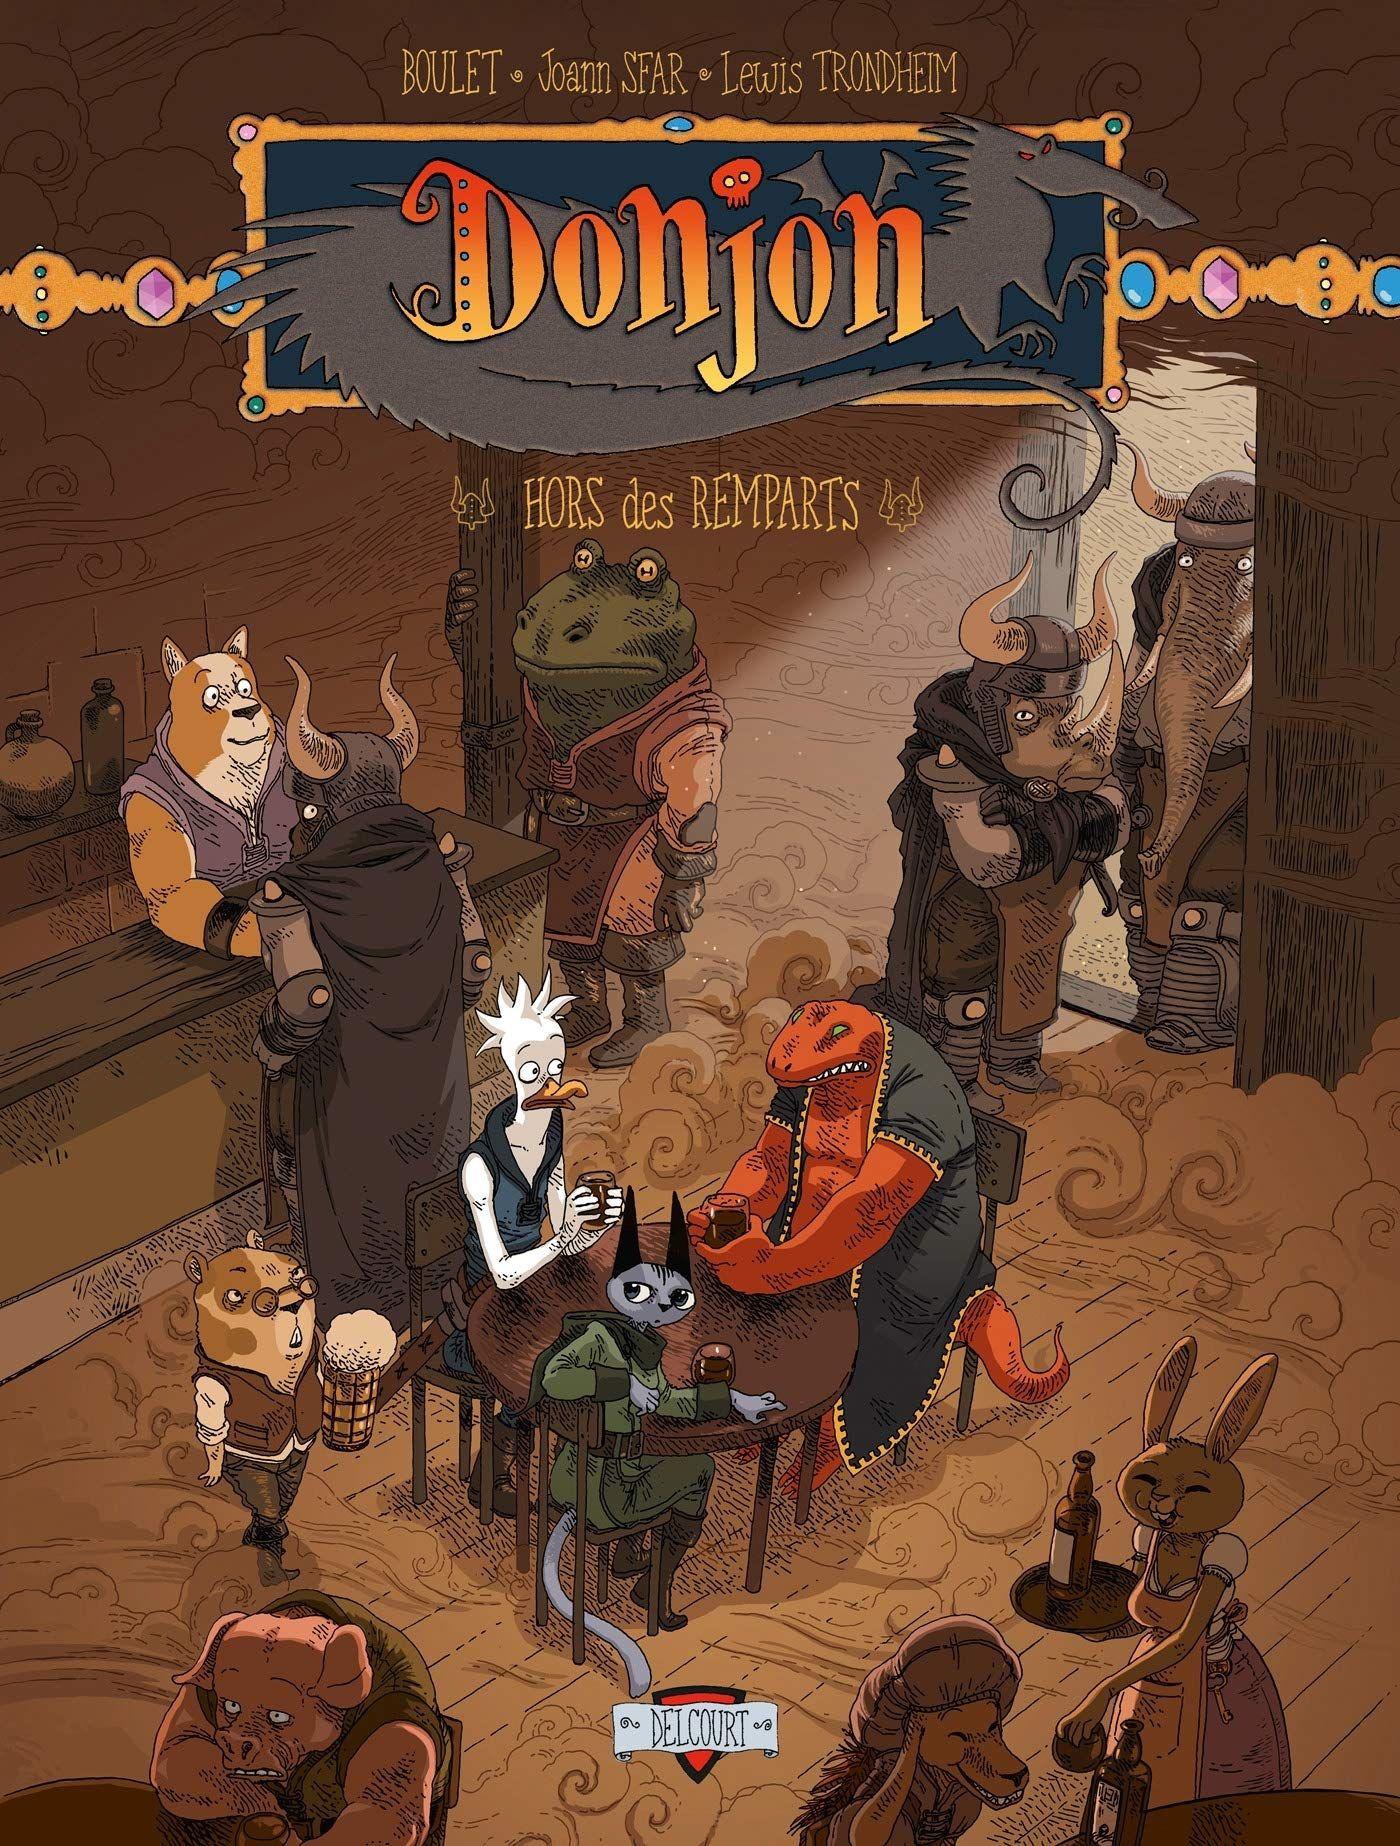 Sfar, Trondheim et leur Donjon - Page 2 Hors_des_remparts_Donjon_Zenith_tome_7